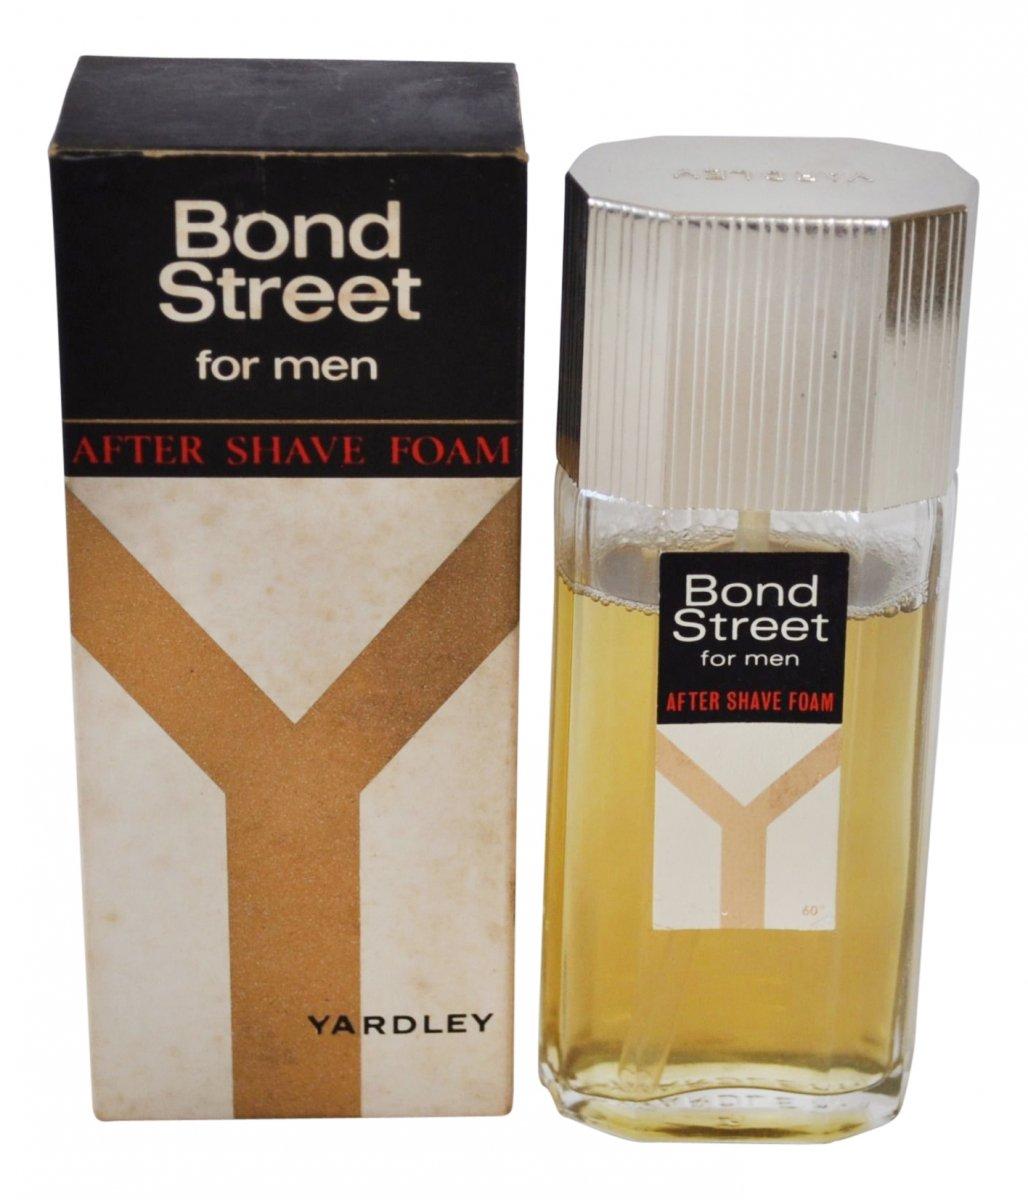 Yardley Bond Street for Men After Shave Foam